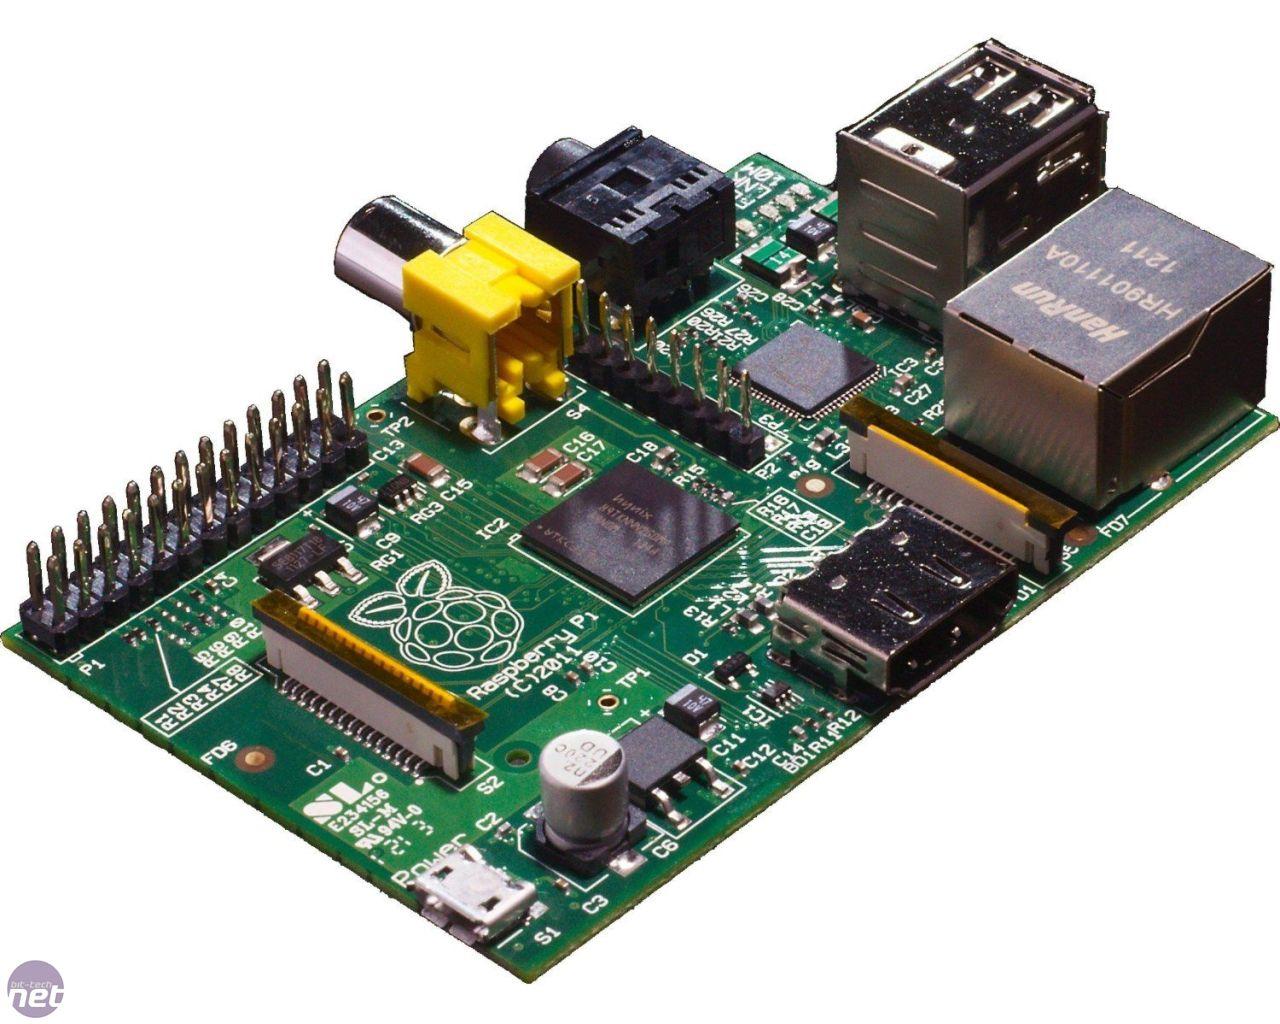 Como crear un punto de acceso raspberry pi 3g: Parte 1 (Hardware)